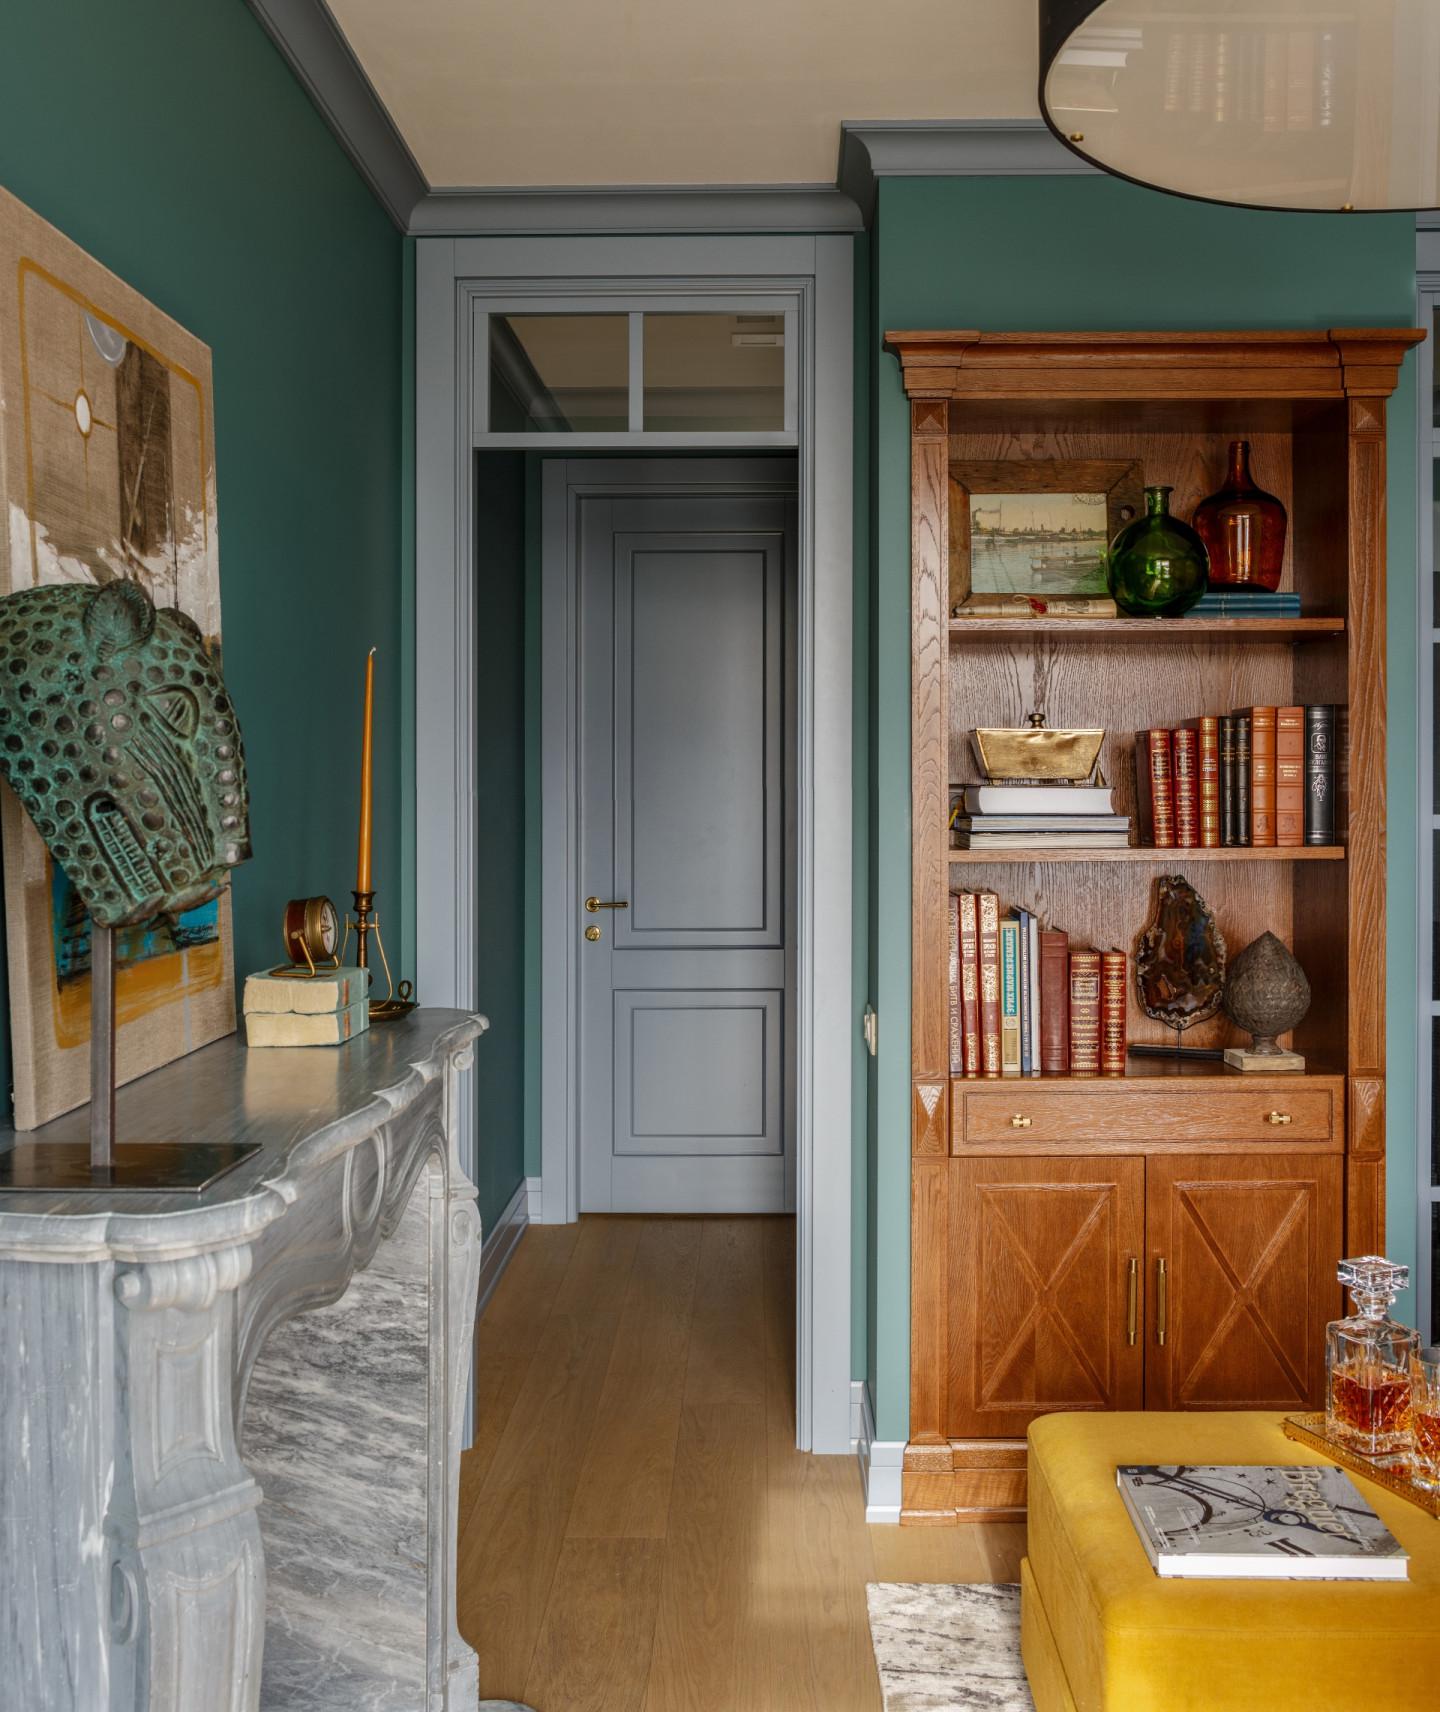 Традиционно декоративный камин располагают в гостиной (где он часто заменяет телевизор), но в этом интерьере дизайнер нашла для него место в кабинете